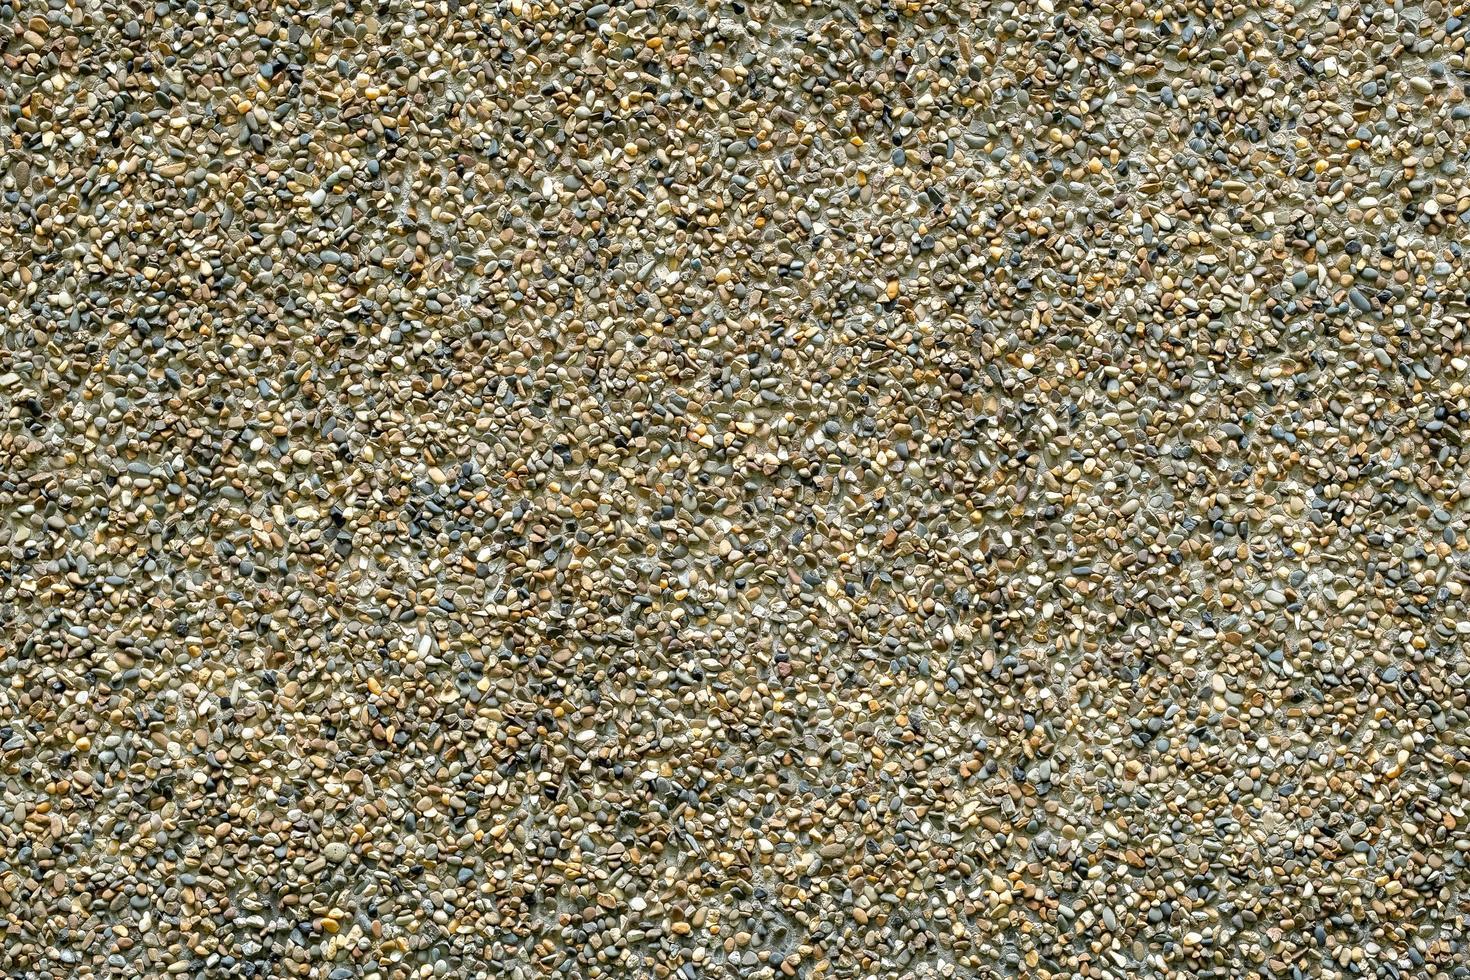 zand wassen textuur. foto